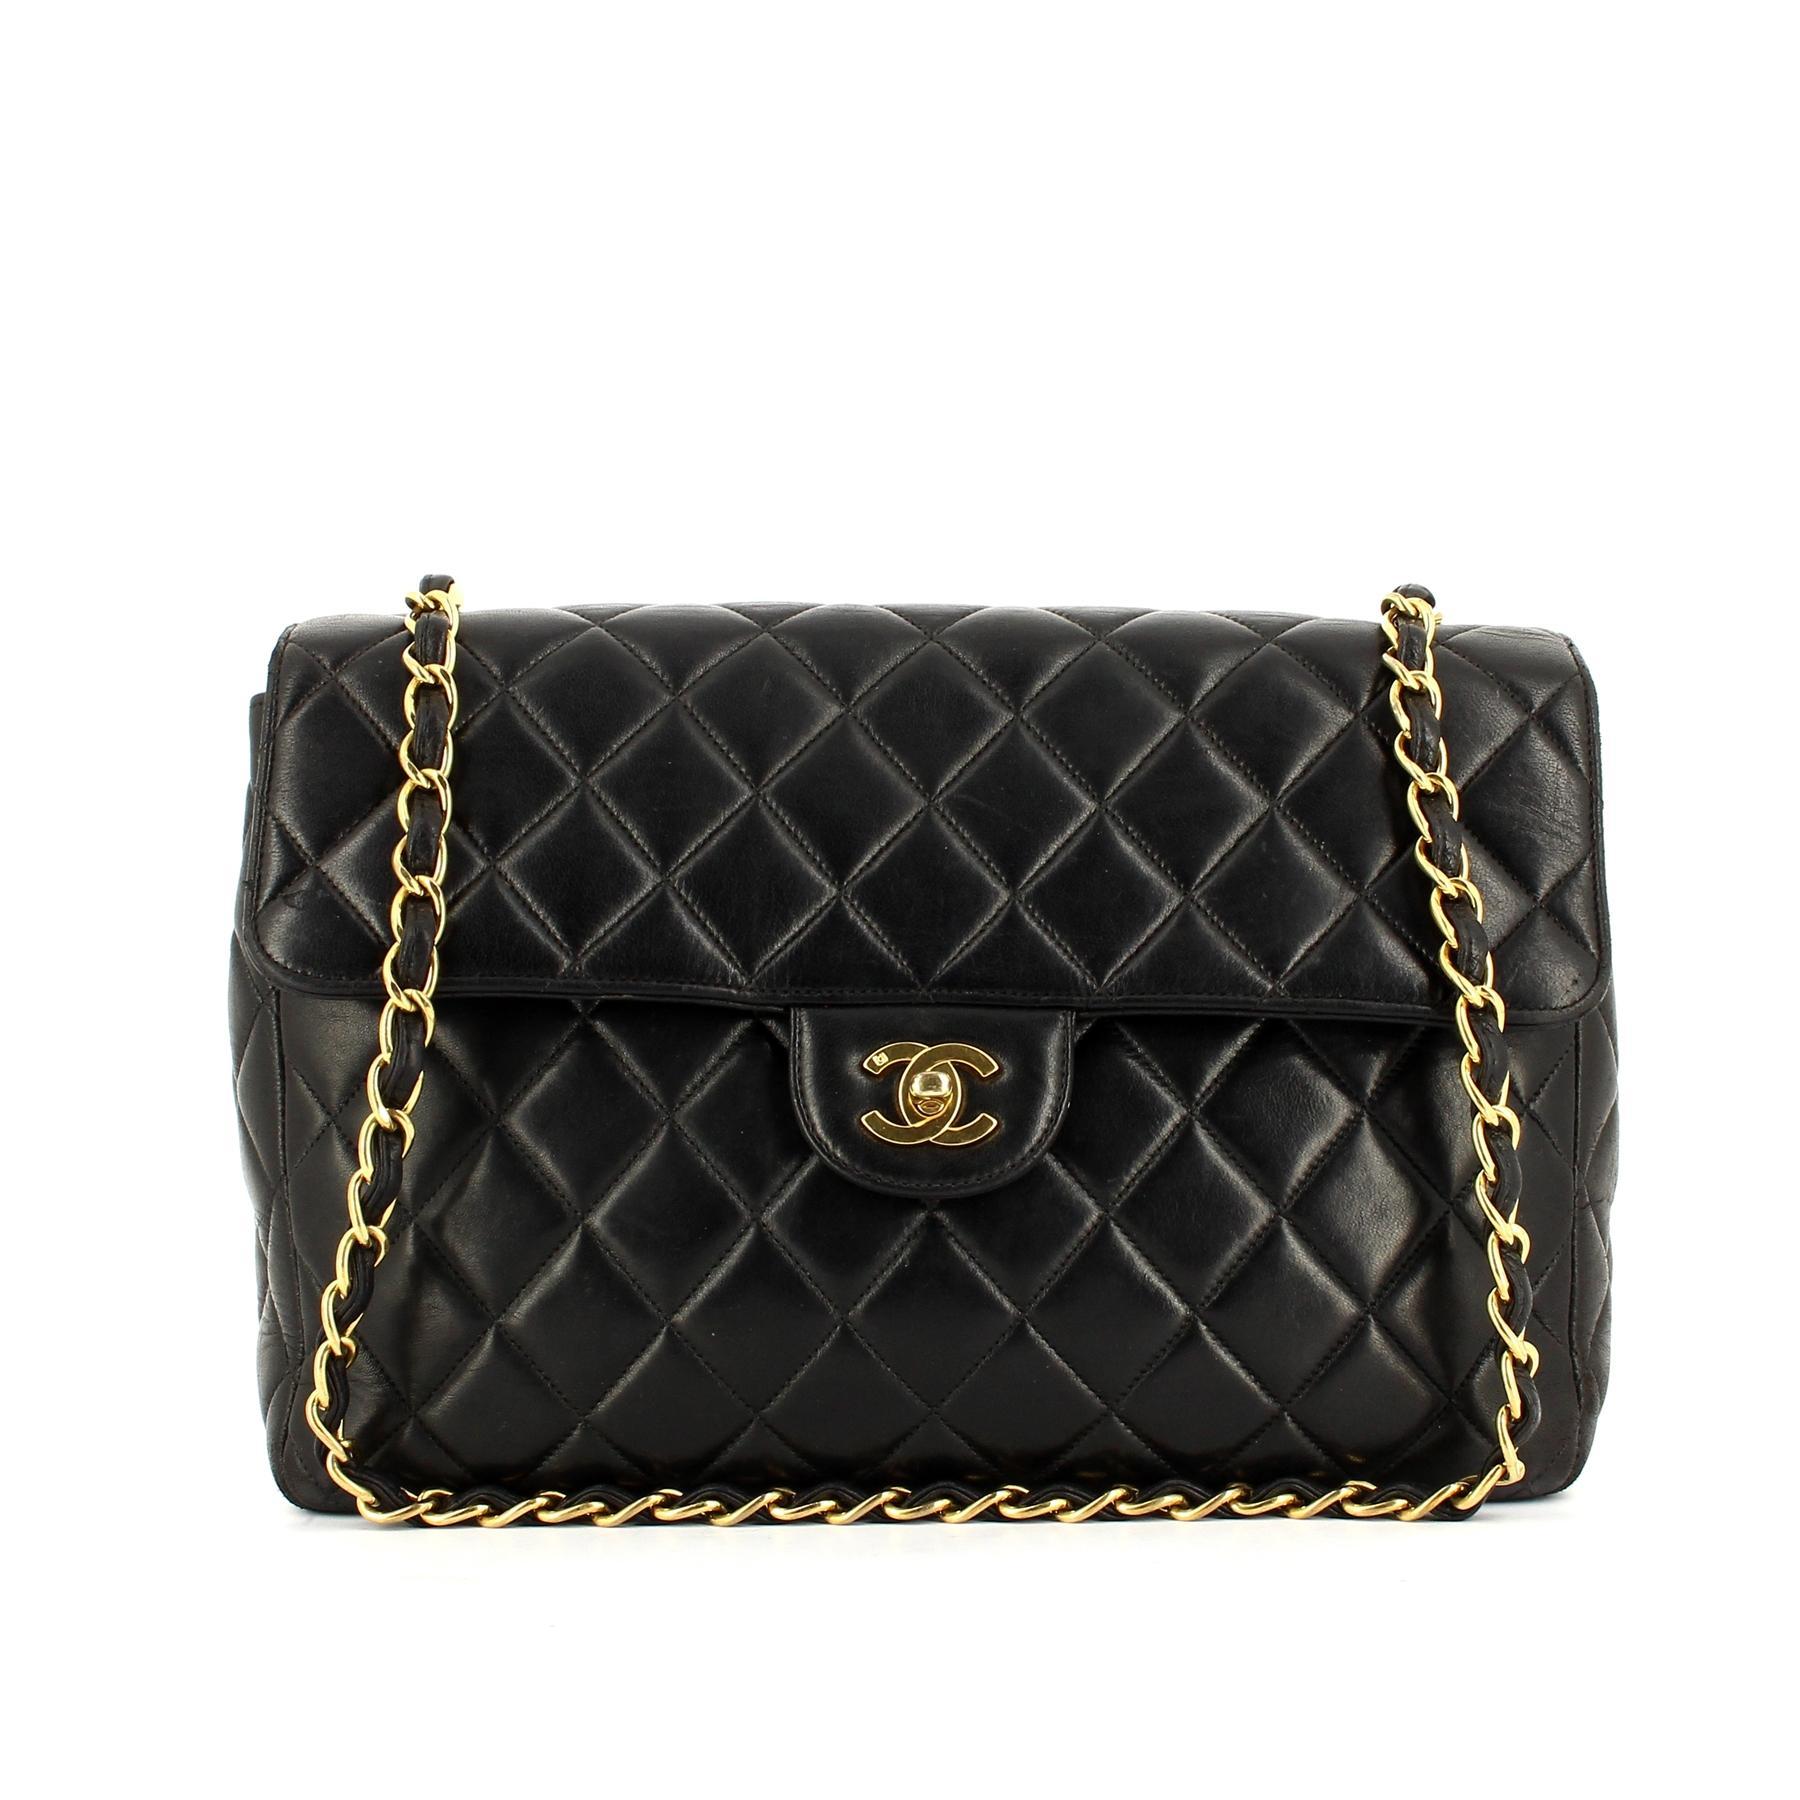 Pourquoi les objets de luxe prennent-ils autant de valeur   - Madame ... b8c32080391